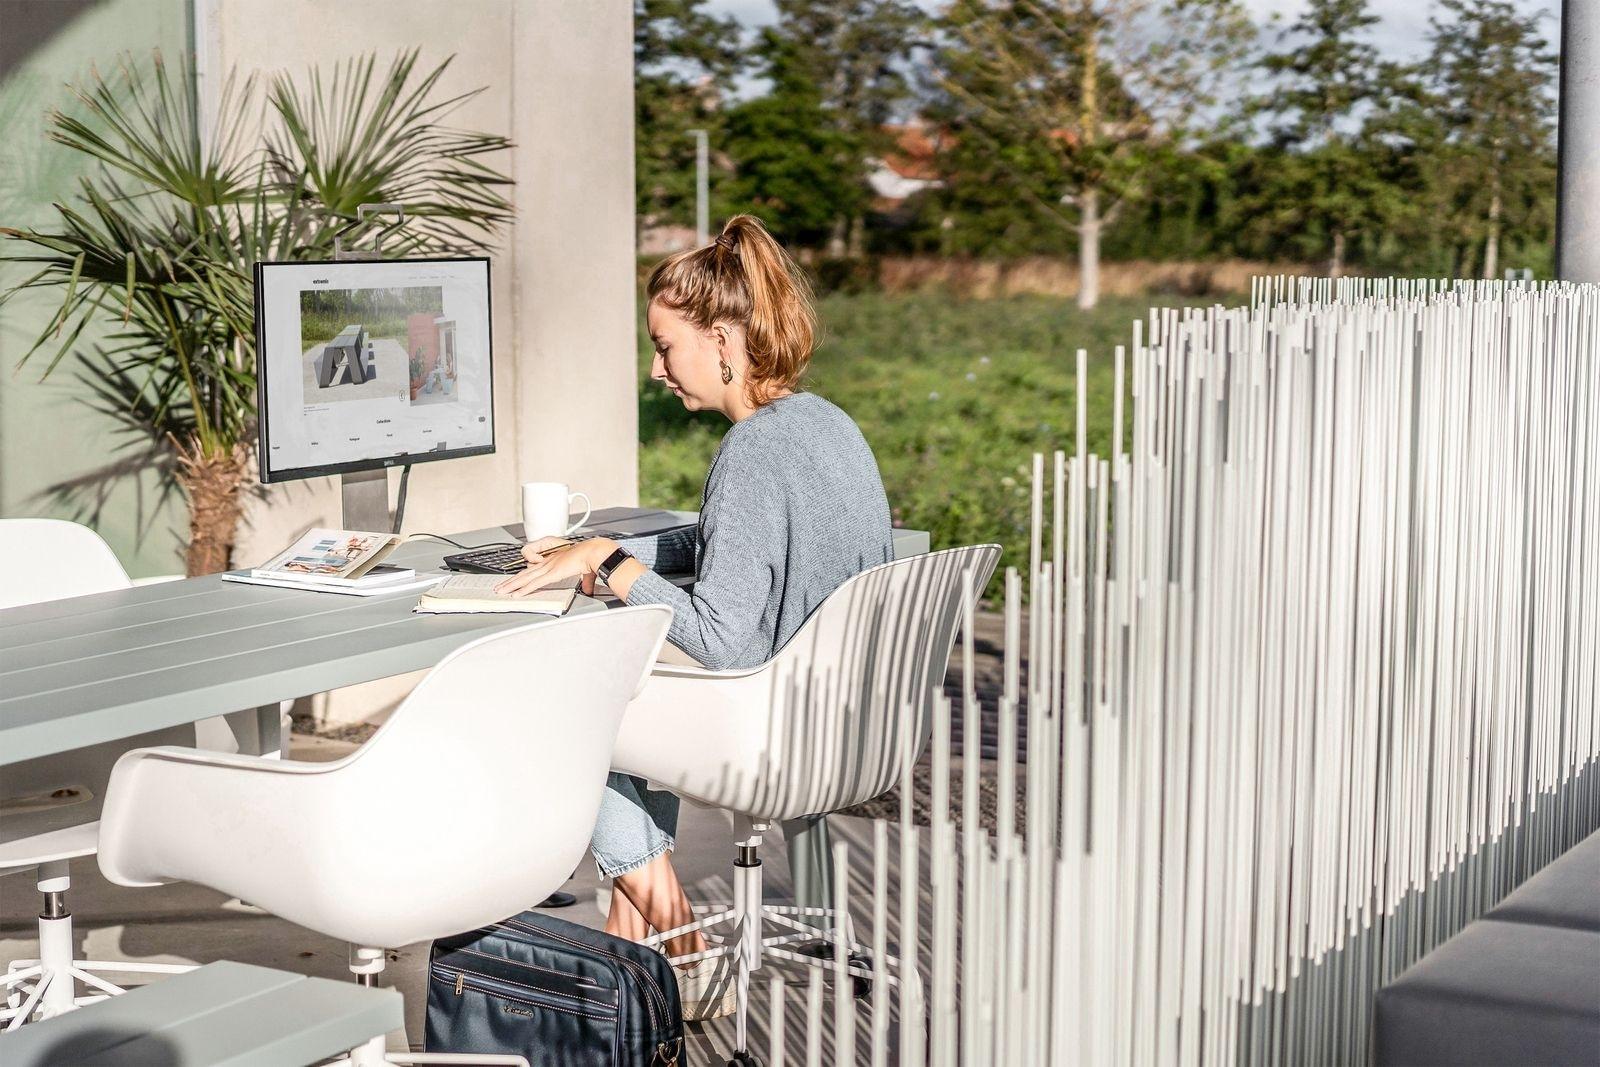 outdoor workspace set up